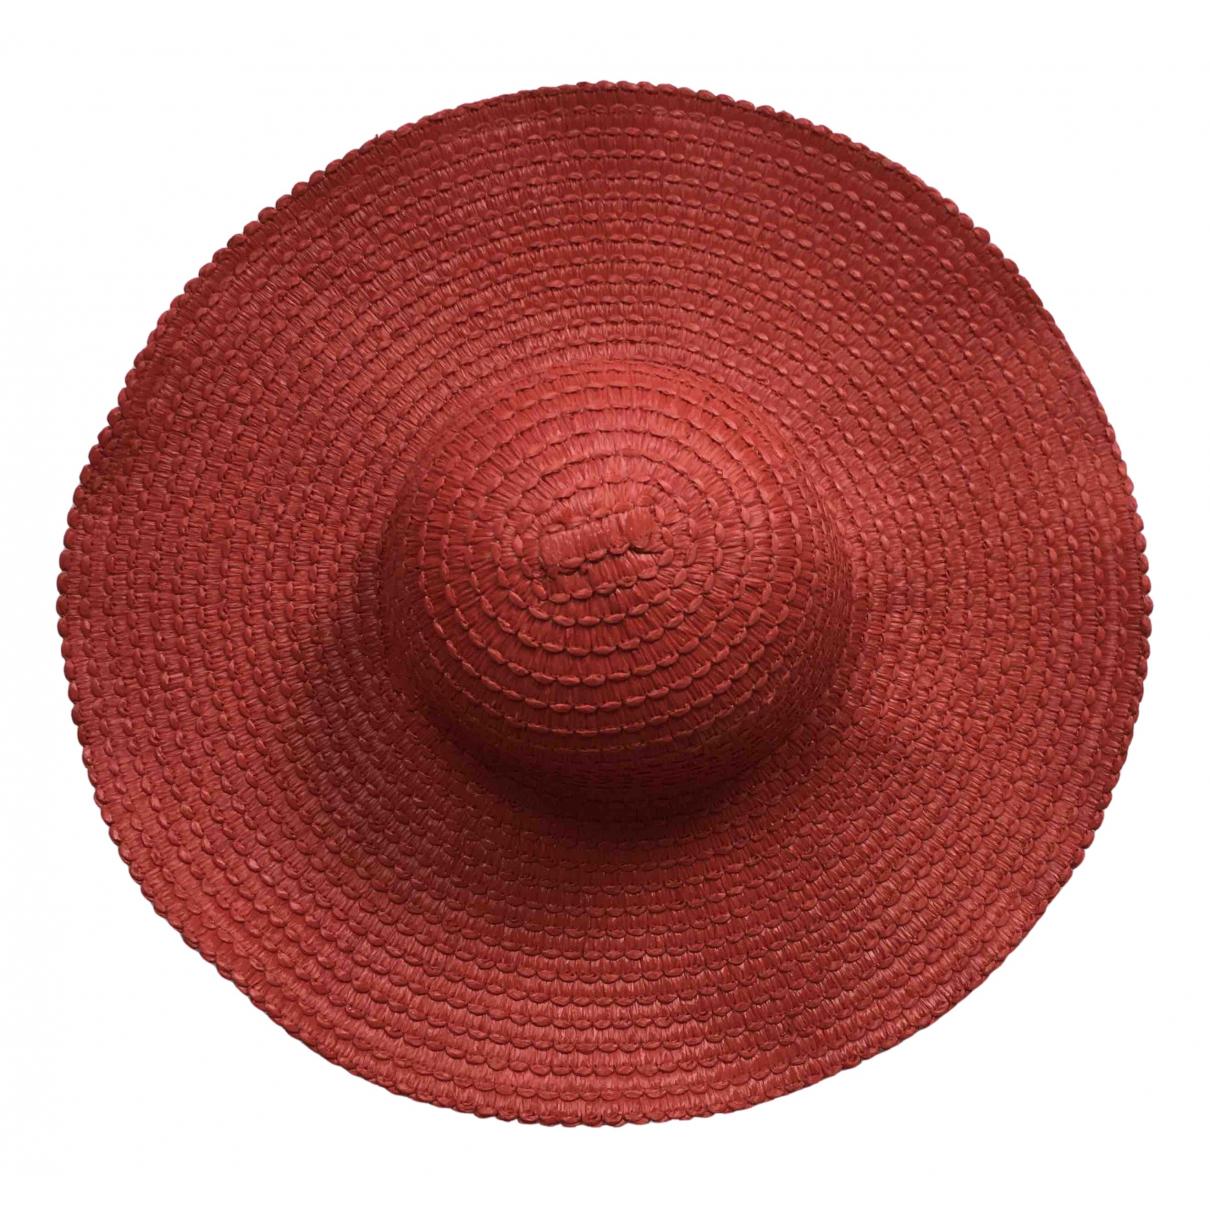 La Perla - Chapeau   pour femme - rouge